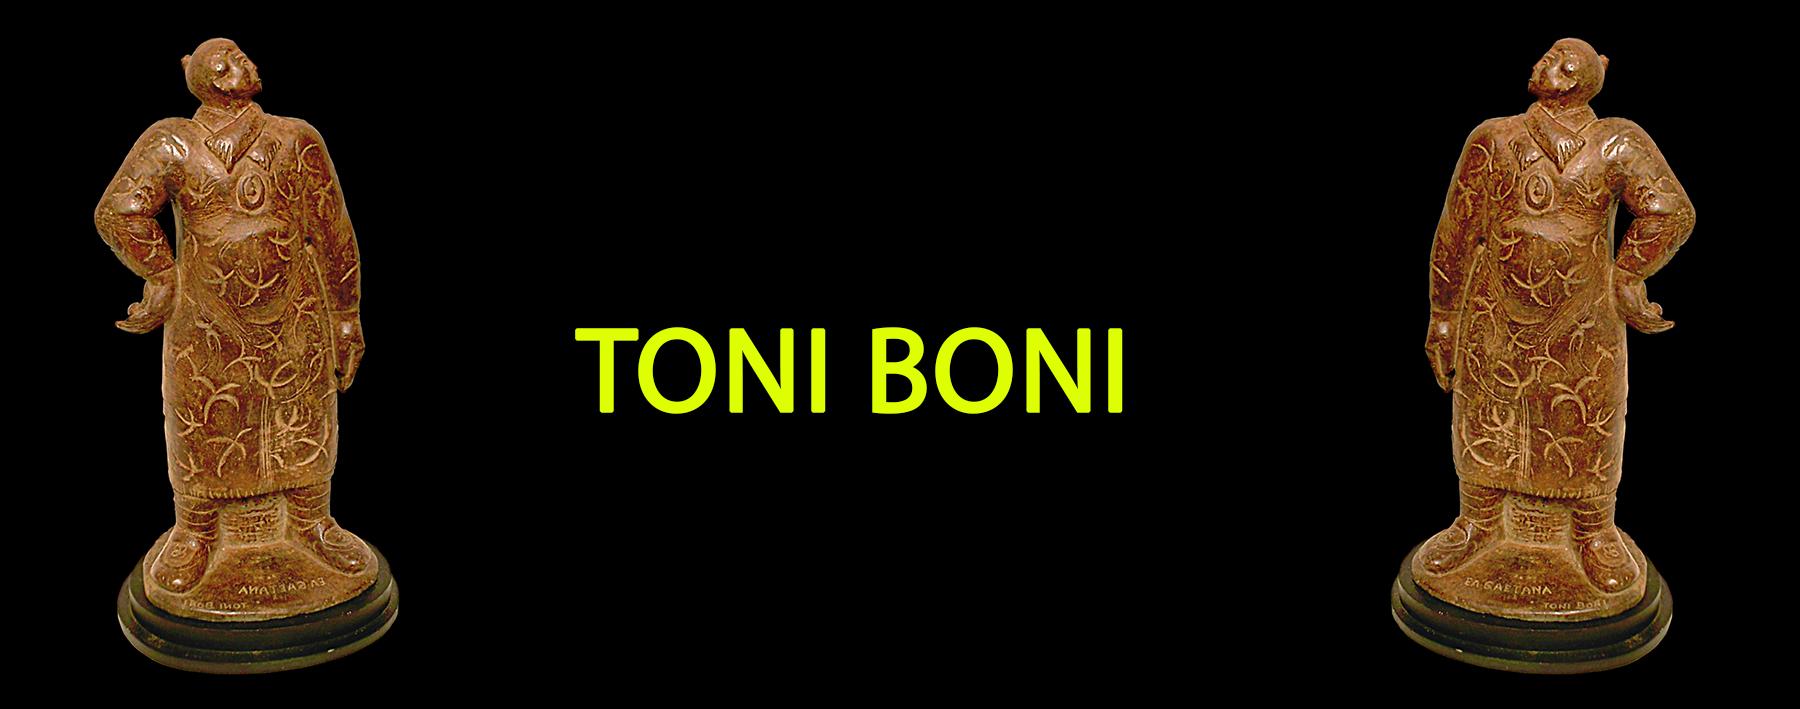 Toni Boni